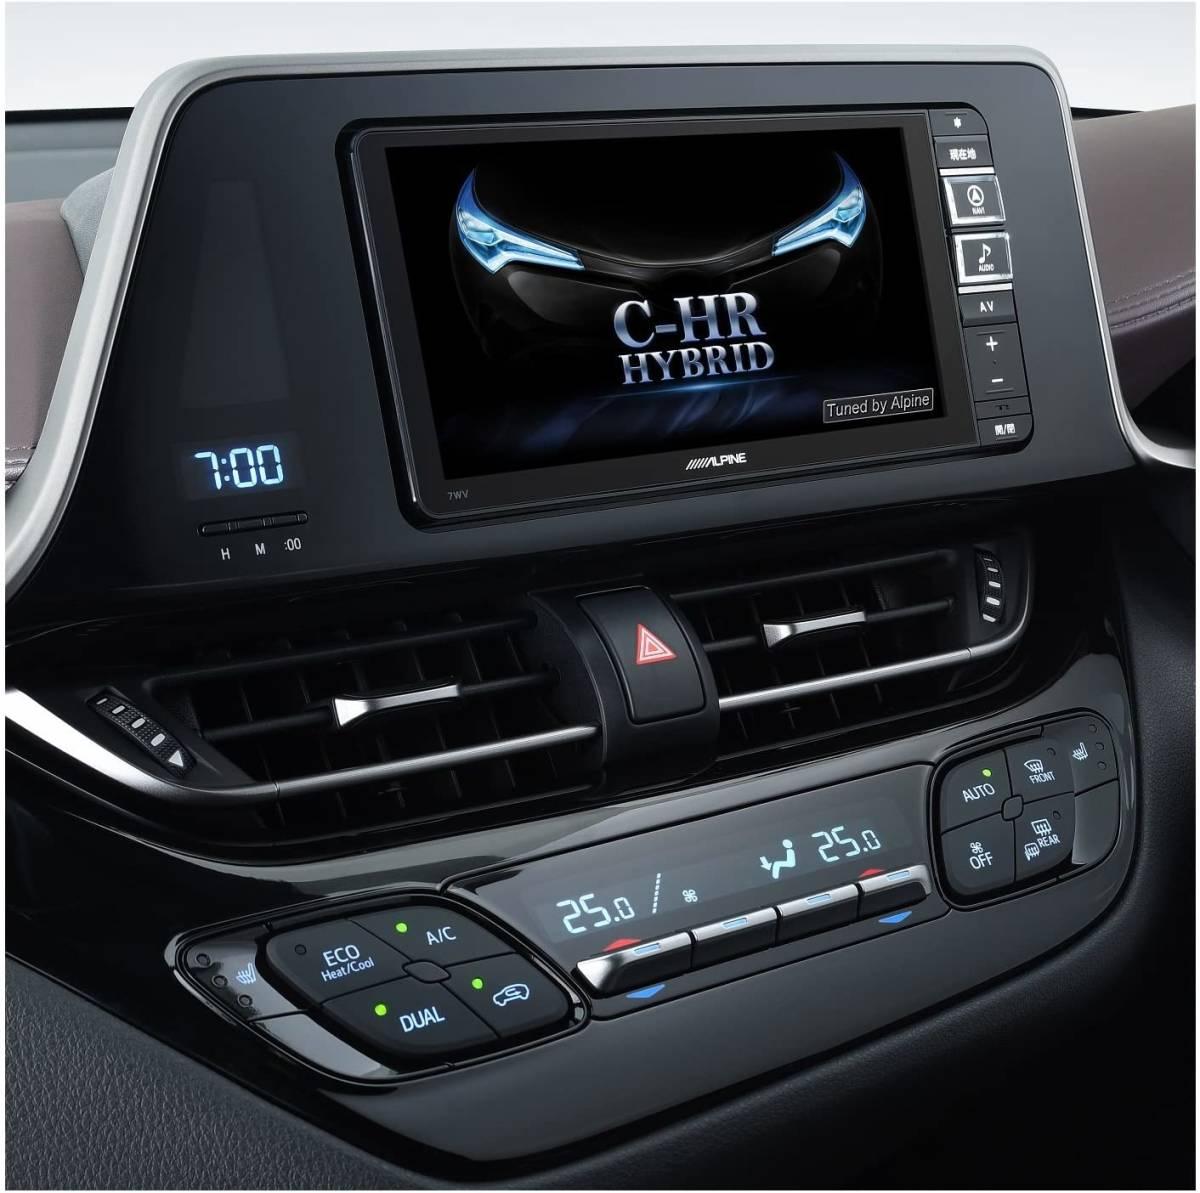 【新品】ALPINEアルパイン7WV-CHR トヨタC-HR 前期H28.12~R1.10 200mmワイド7型ナビ・フルセグTV・DVD再生・SD録音・Bluetooth【在庫有_※※H28.12~R1.10までの前期型に適合。